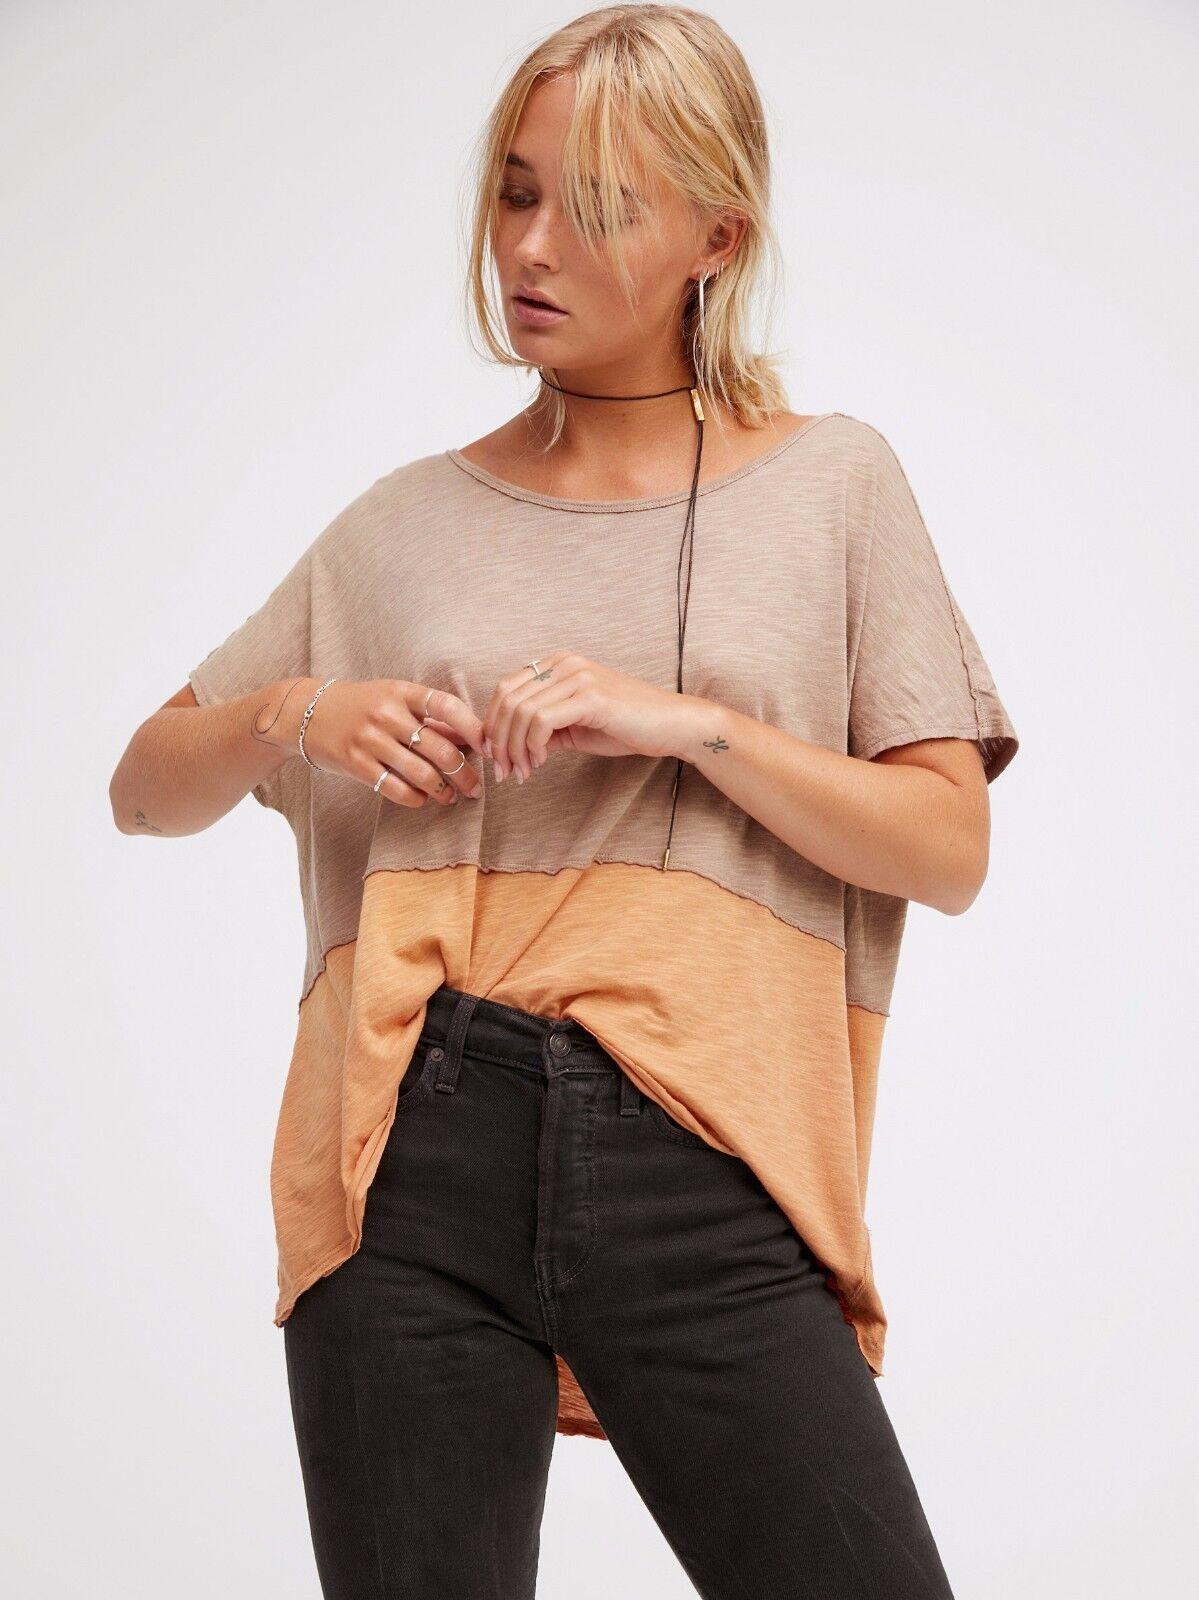 Neuf avec étiquettes Libre People szxs nous la libre Minuit T-shirt sans hommeches Pêche Combo